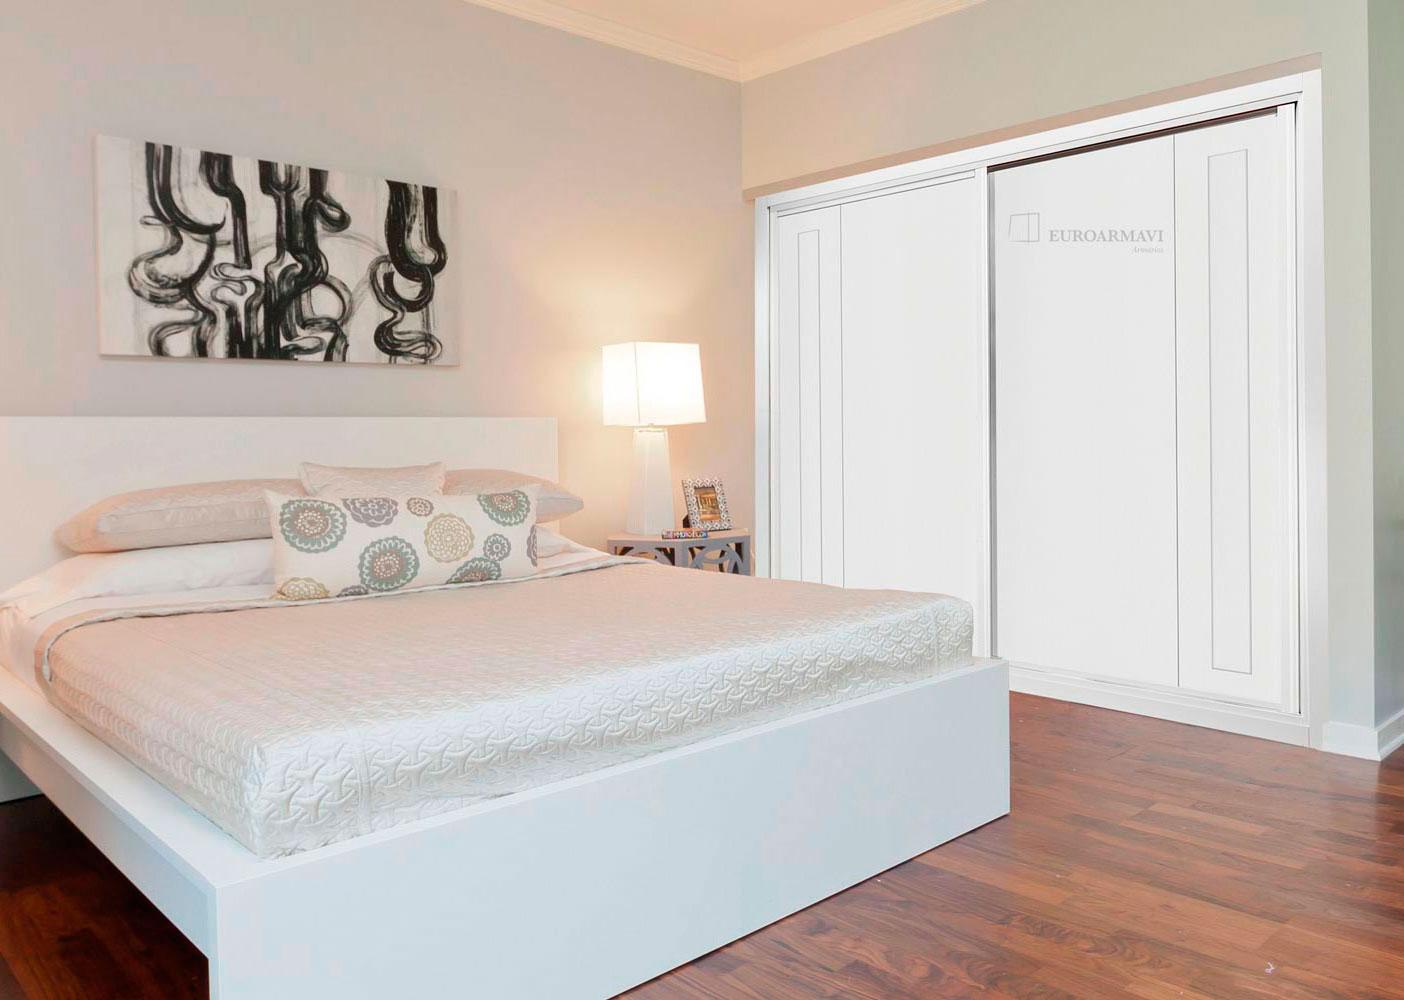 Lacado 922 puertas innova s l u - Fotos armarios empotrados modernos ...